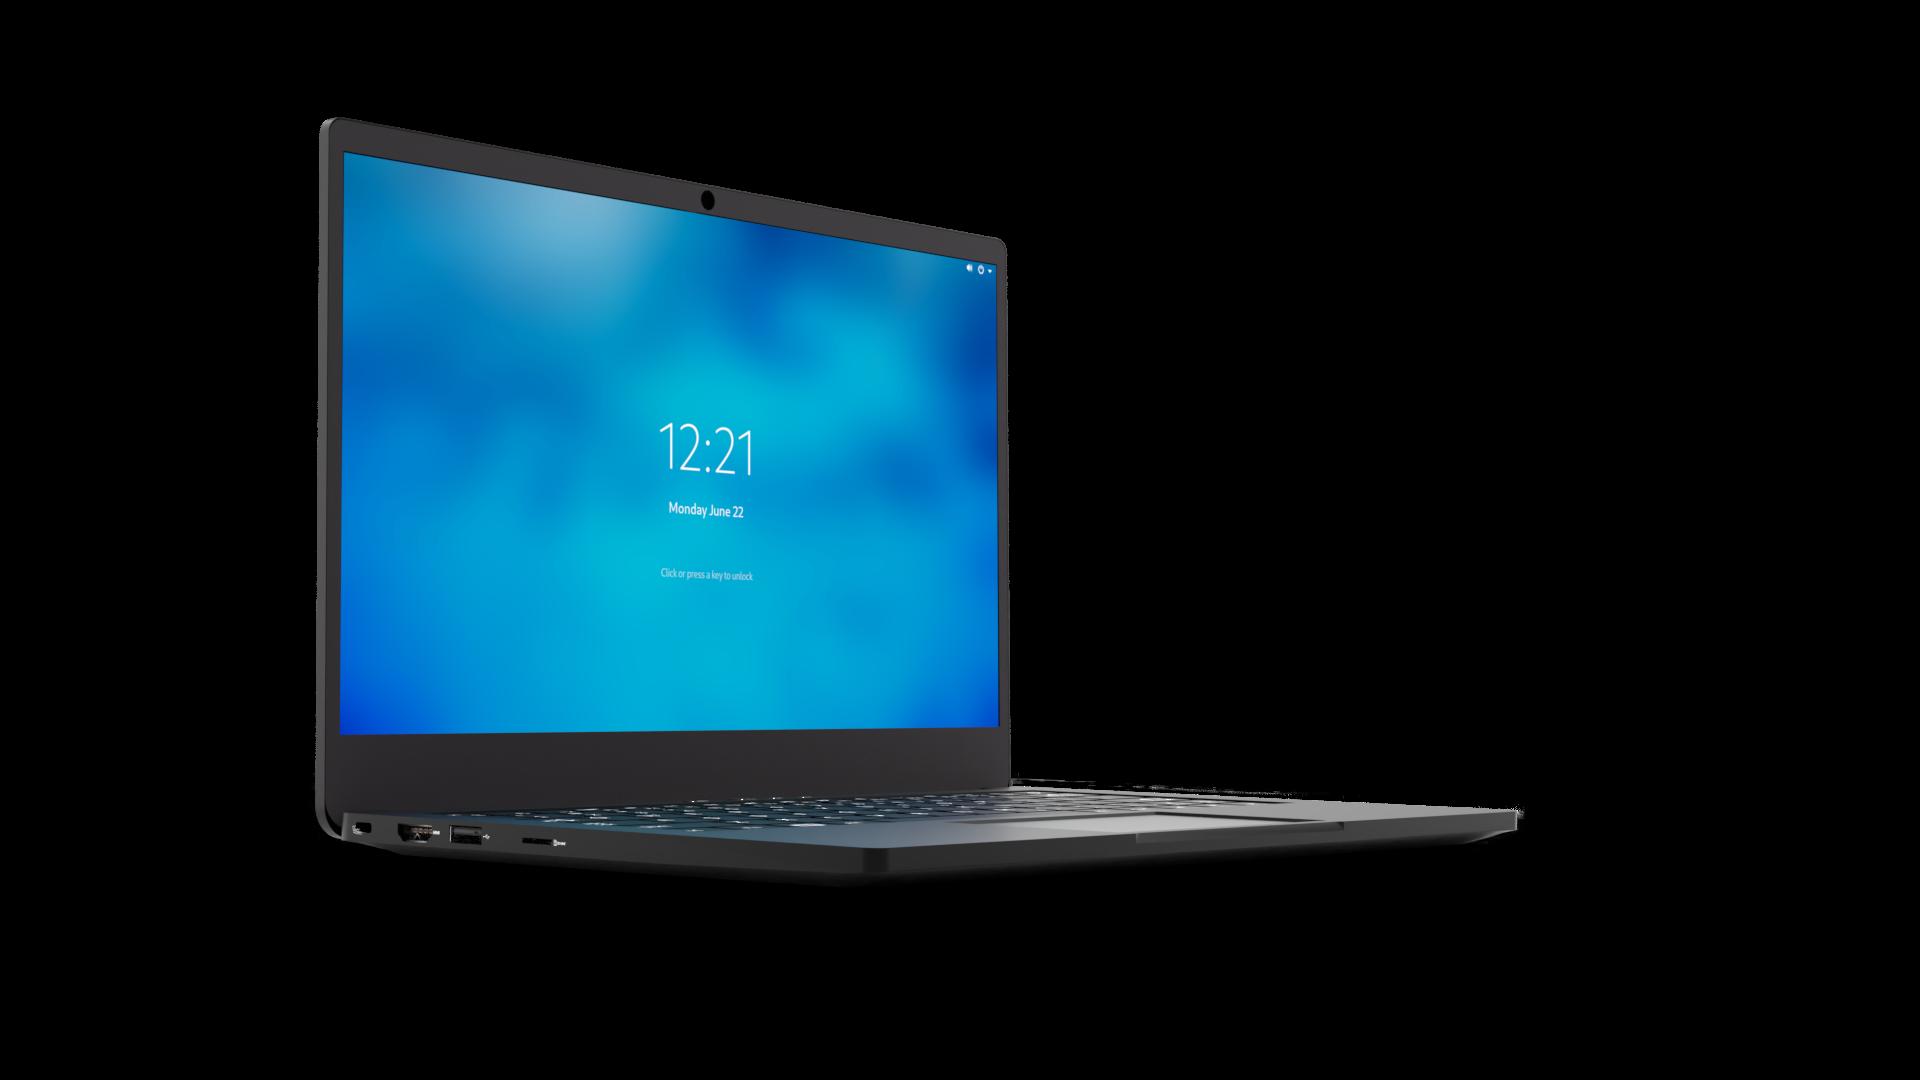 Librem 14, the most secure laptop